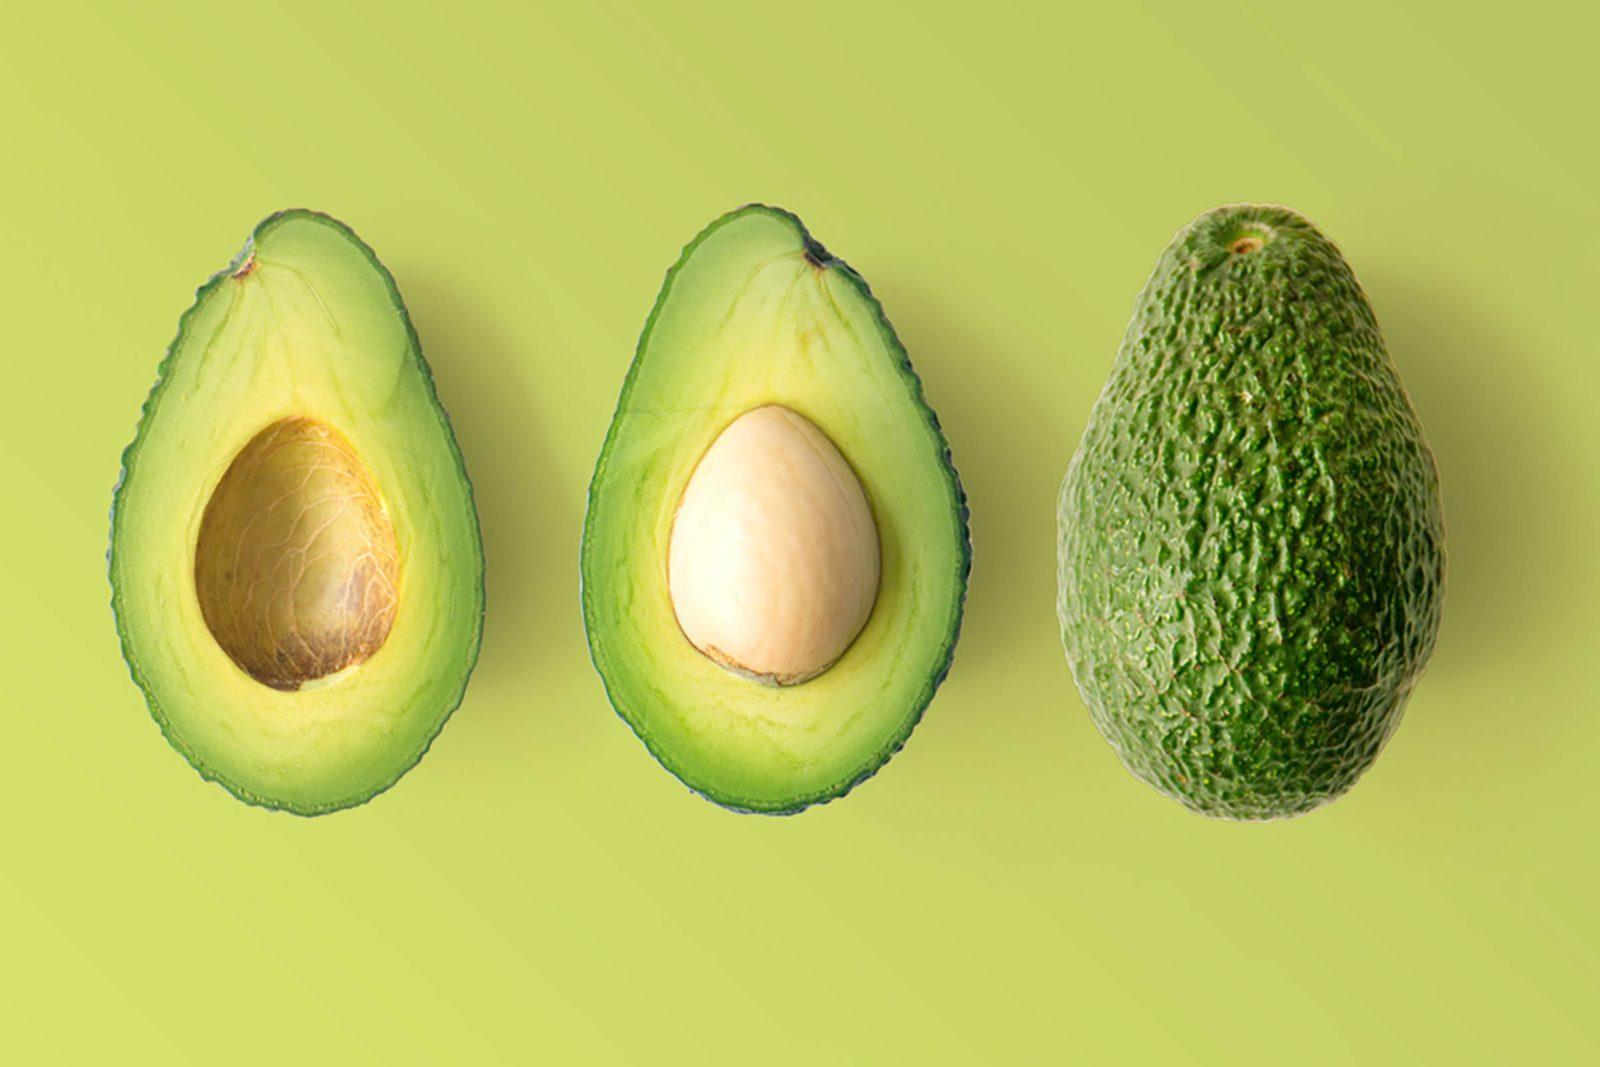 L'avocado fa bene al cuore e non fa ingrassare - dott umberto trecroci - cardiologo